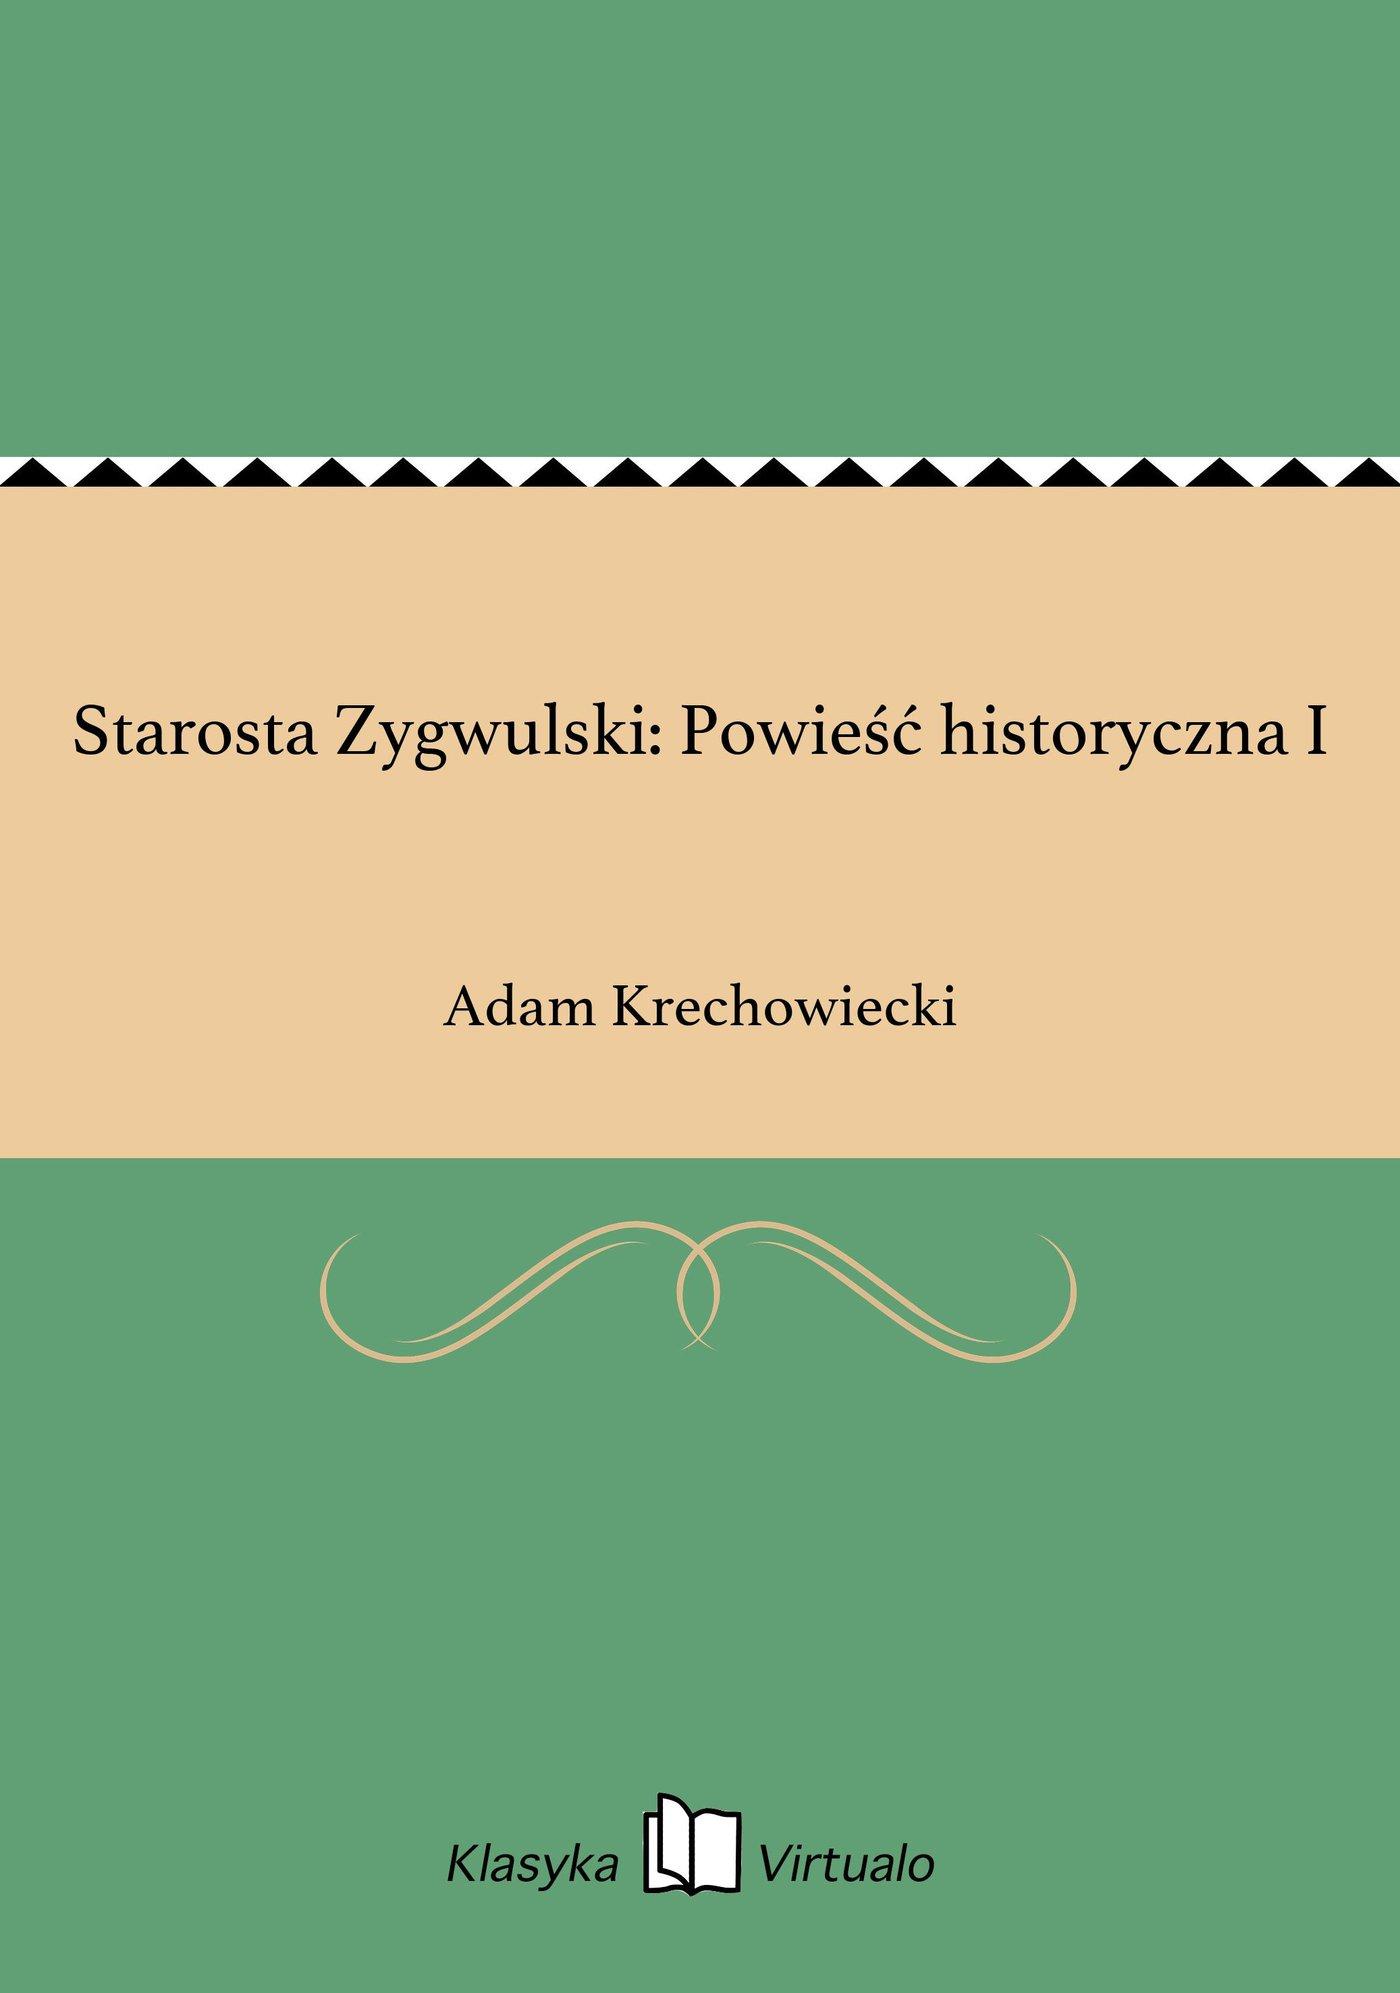 Starosta Zygwulski: Powieść historyczna I - Ebook (Książka EPUB) do pobrania w formacie EPUB